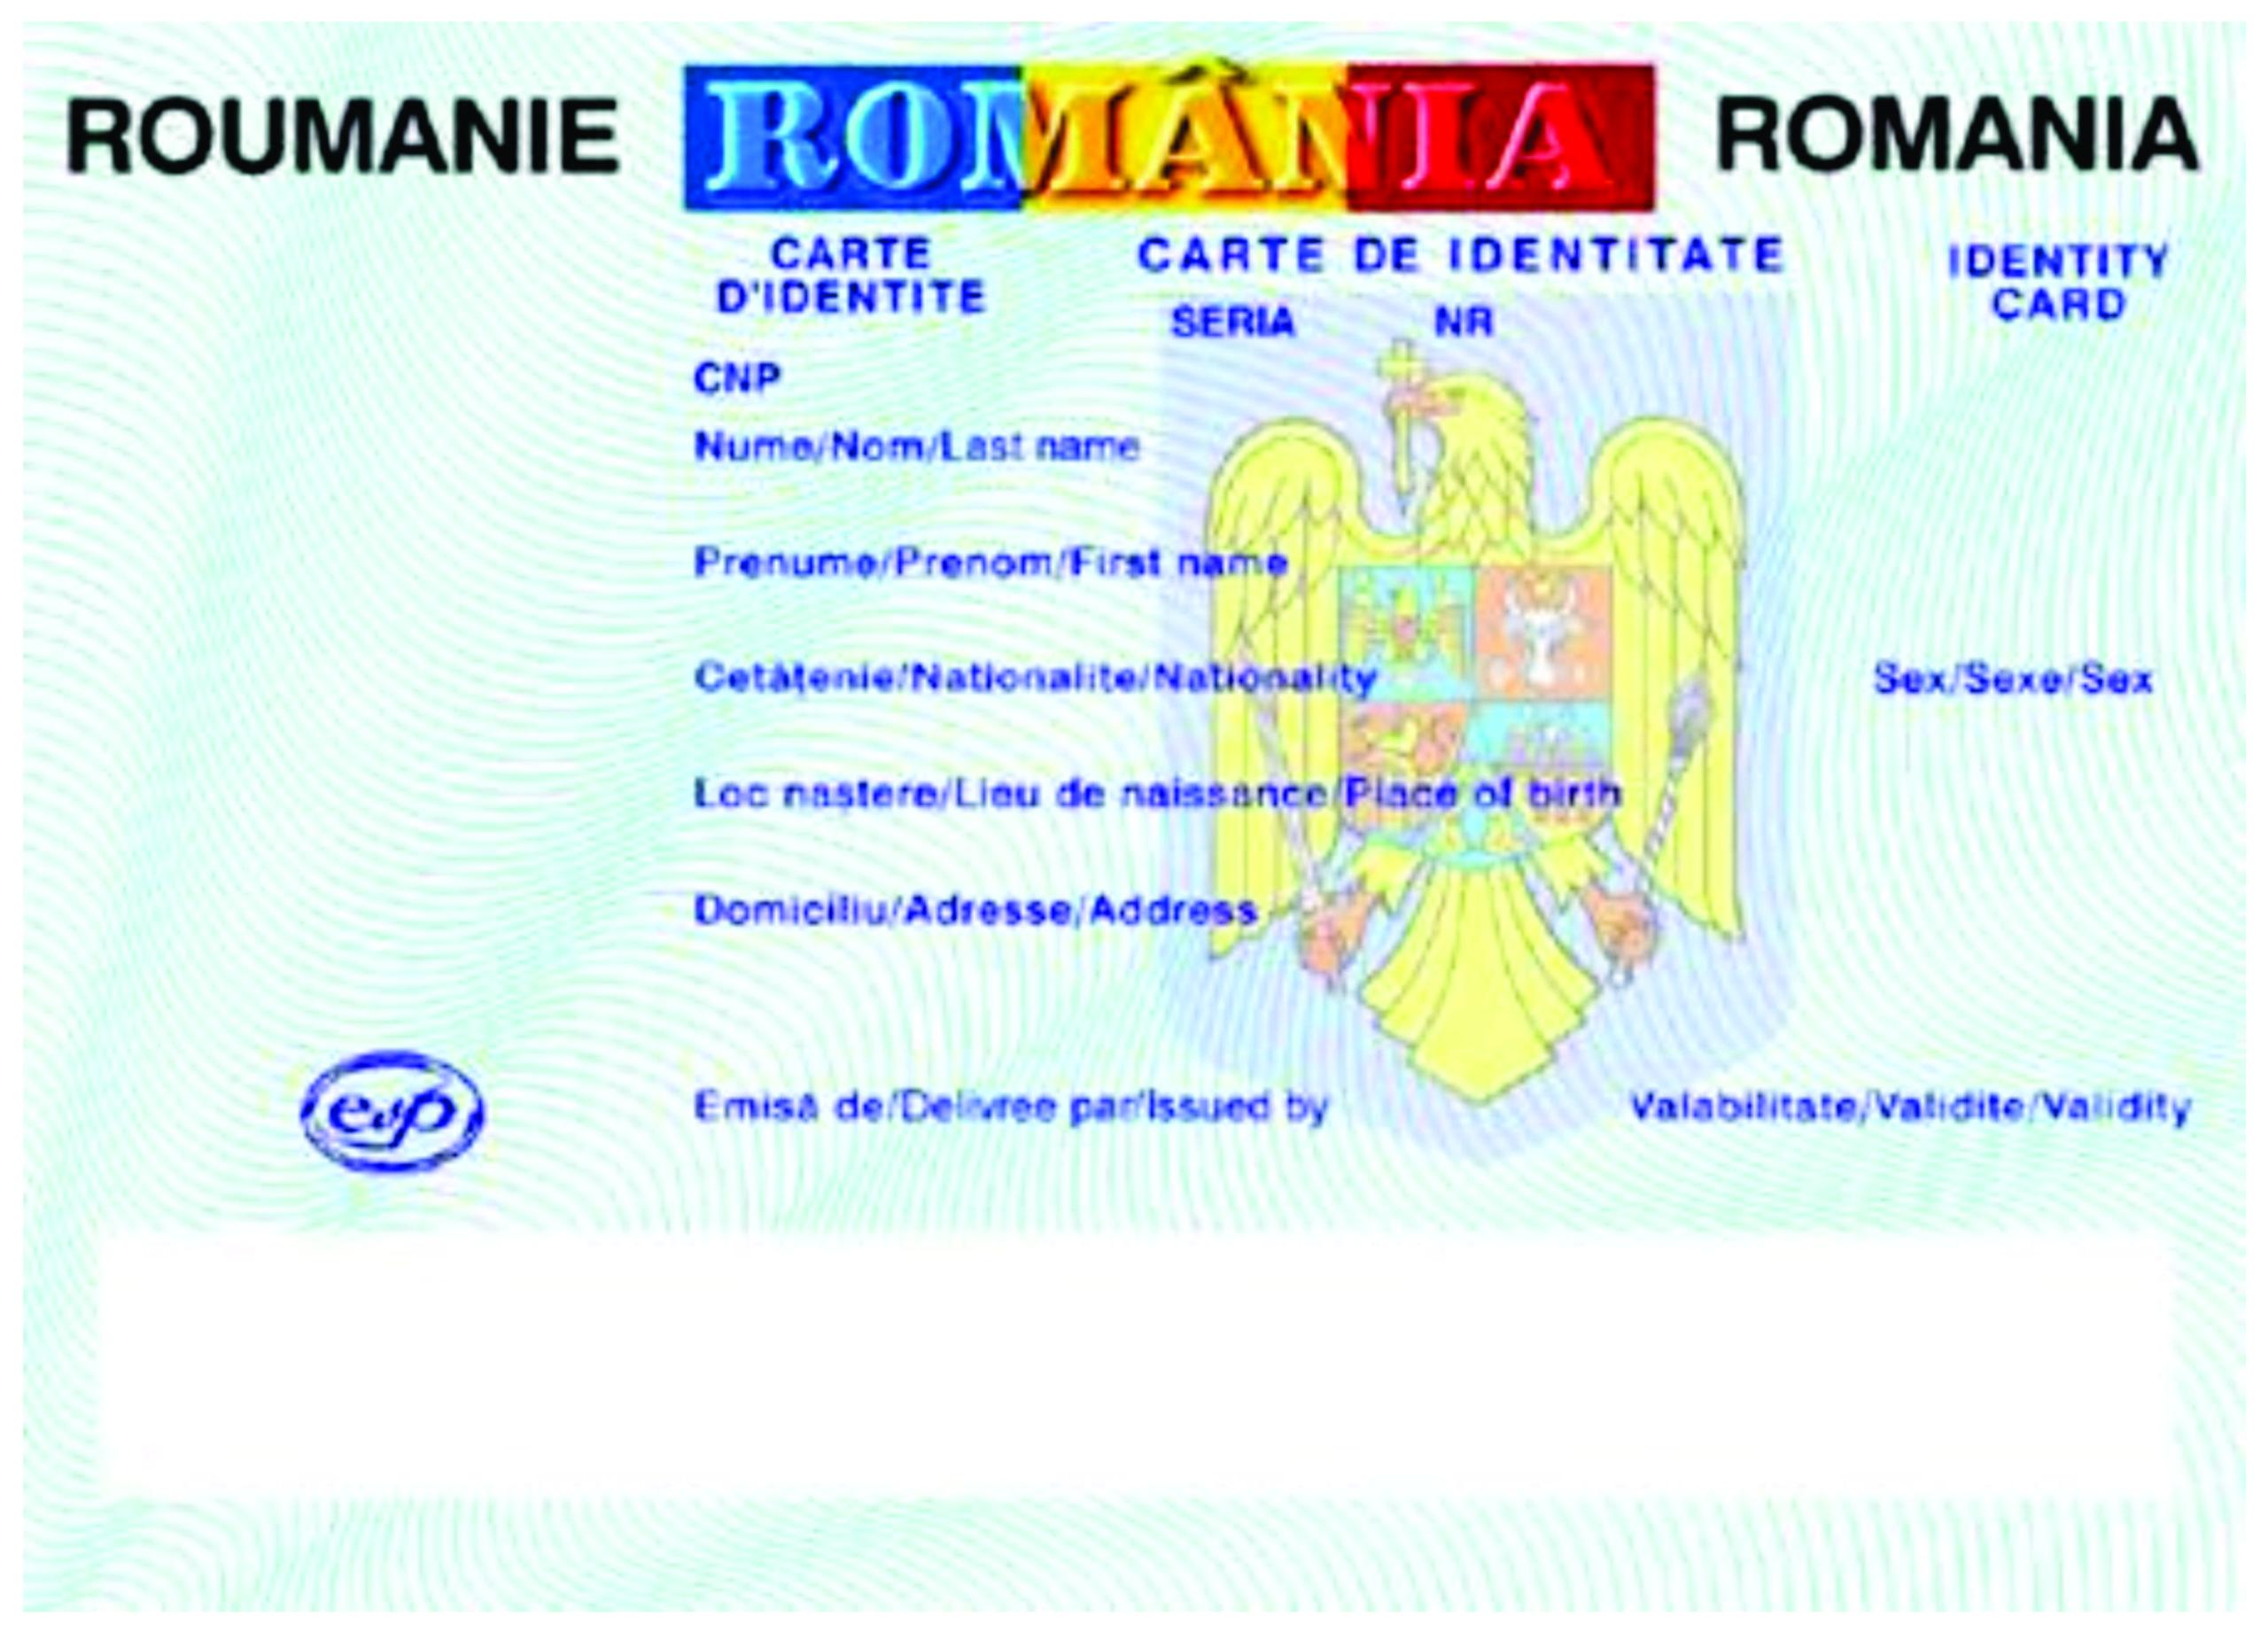 Carte de Identitate (CI) Romania